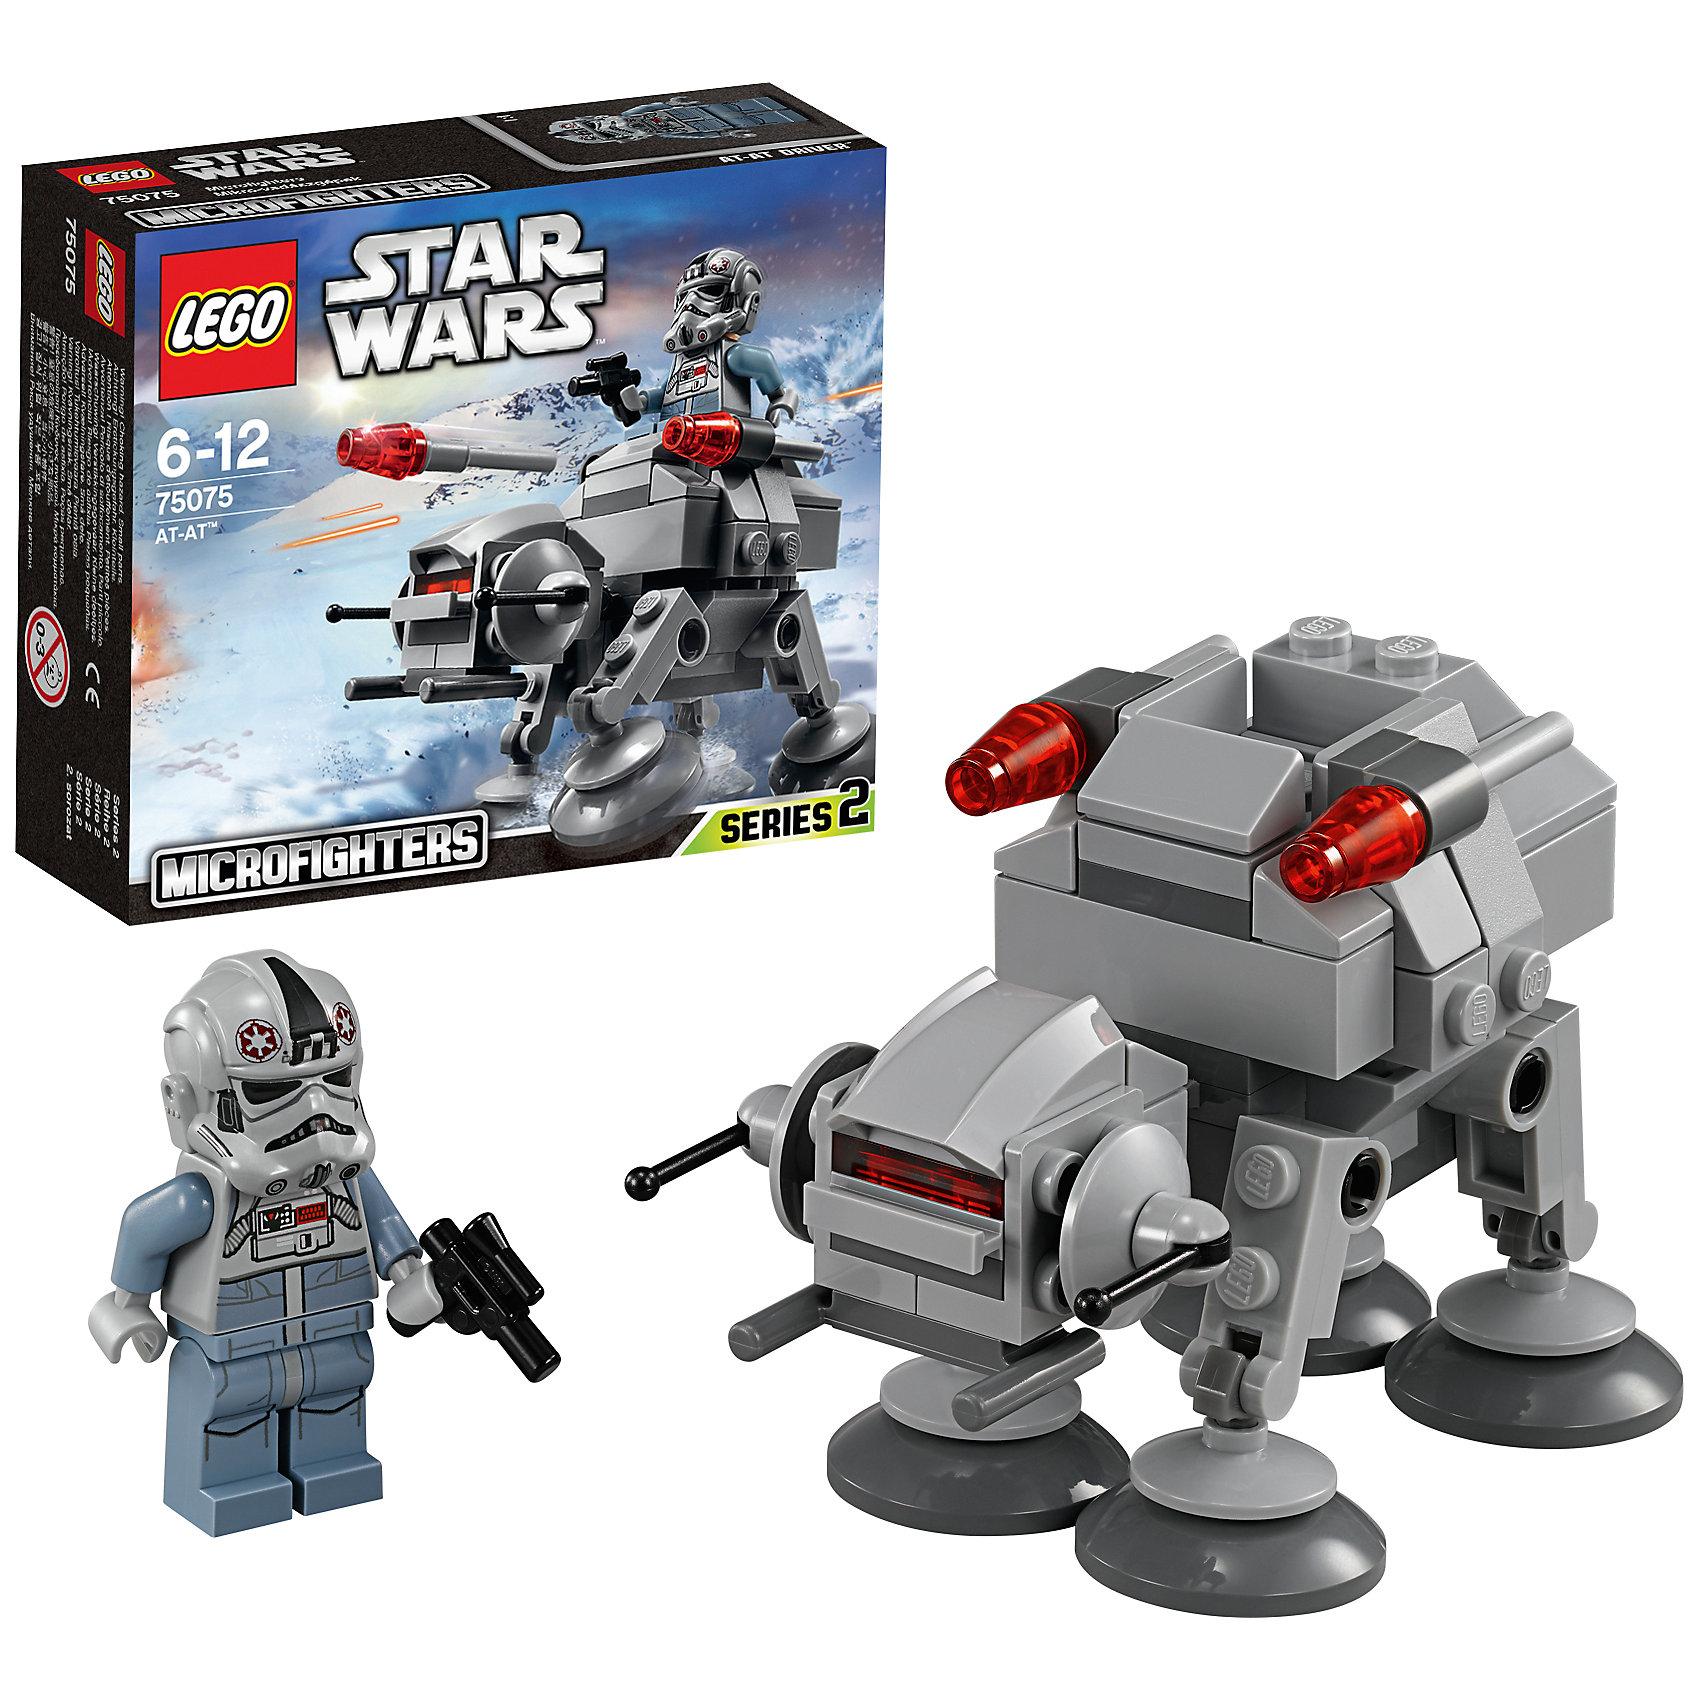 LEGO Star Wars 75075: AT-AT™Перемещайся по базе повстанцев на планете Хот на потрясающем микрофайтере AT-AT из набора LEGO Star Wars 75075: AT-AT. Эта миниатюрная версия настоящего шагающего робота Империи включает подвижную голову и ноги, две ракеты и даже миникабину для водителя AT-AT. <br><br>LEGO Star Wars (ЛЕГО Звездные войны) - серия детских конструкторов ЛЕГО, созданная по одноименной фантастической саге. Включает в себя множество сюжетов и реалистичных деталей, призванных в точности воспроизвести мир Star Wars.<br><br>Дополнительная информация:<br><br>- Конструкторы ЛЕГО развивают усидчивость, внимание, фантазию и мелкую моторику. <br>- В наборе фигурка водителя AT-AT с бластером, шагоход.<br>- Количество деталей: 88 шт.<br>- Пушки имеют функцию стрельбы. <br>- Серия ЛЕГО Звездные войны (LEGO Star Wars).<br>- Материал: пластик.<br>- Размер упаковки: 14,1 х 12,2 х 4,6 см<br>- Вес: 0.113 кг<br><br>Конструктор LEGO Star Wars ( ЛЕГО Звездные войны) 75075: AT-AT можно купить в нашем магазине.<br><br>Ширина мм: 143<br>Глубина мм: 121<br>Высота мм: 48<br>Вес г: 87<br>Возраст от месяцев: 72<br>Возраст до месяцев: 144<br>Пол: Мужской<br>Возраст: Детский<br>SKU: 3786131